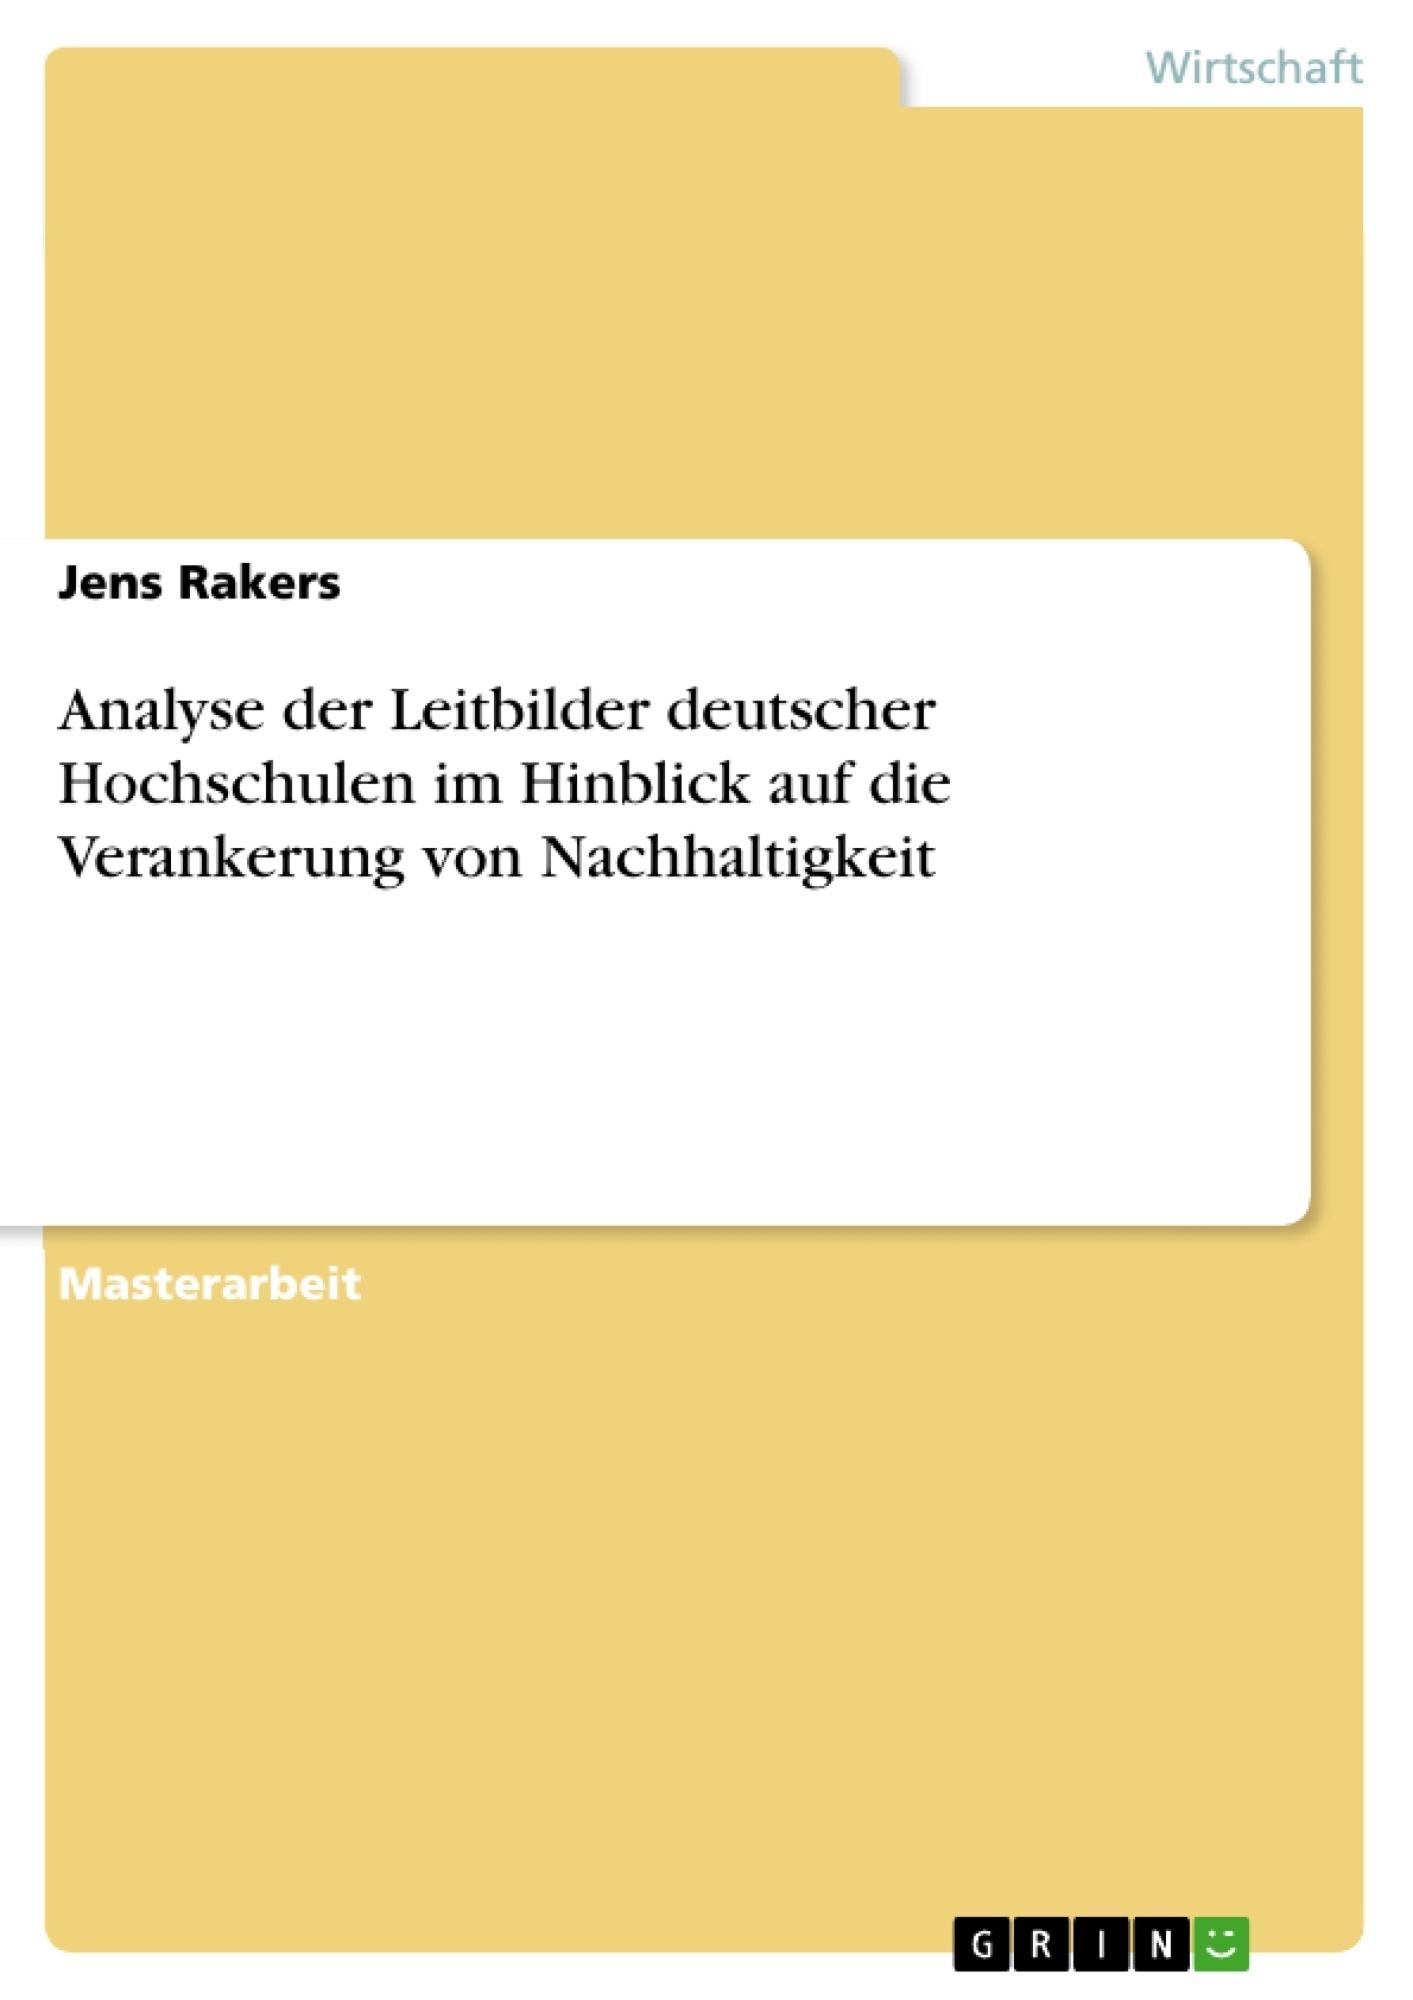 Titel: Analyse der Leitbilder deutscher Hochschulen im Hinblick auf die Verankerung von Nachhaltigkeit